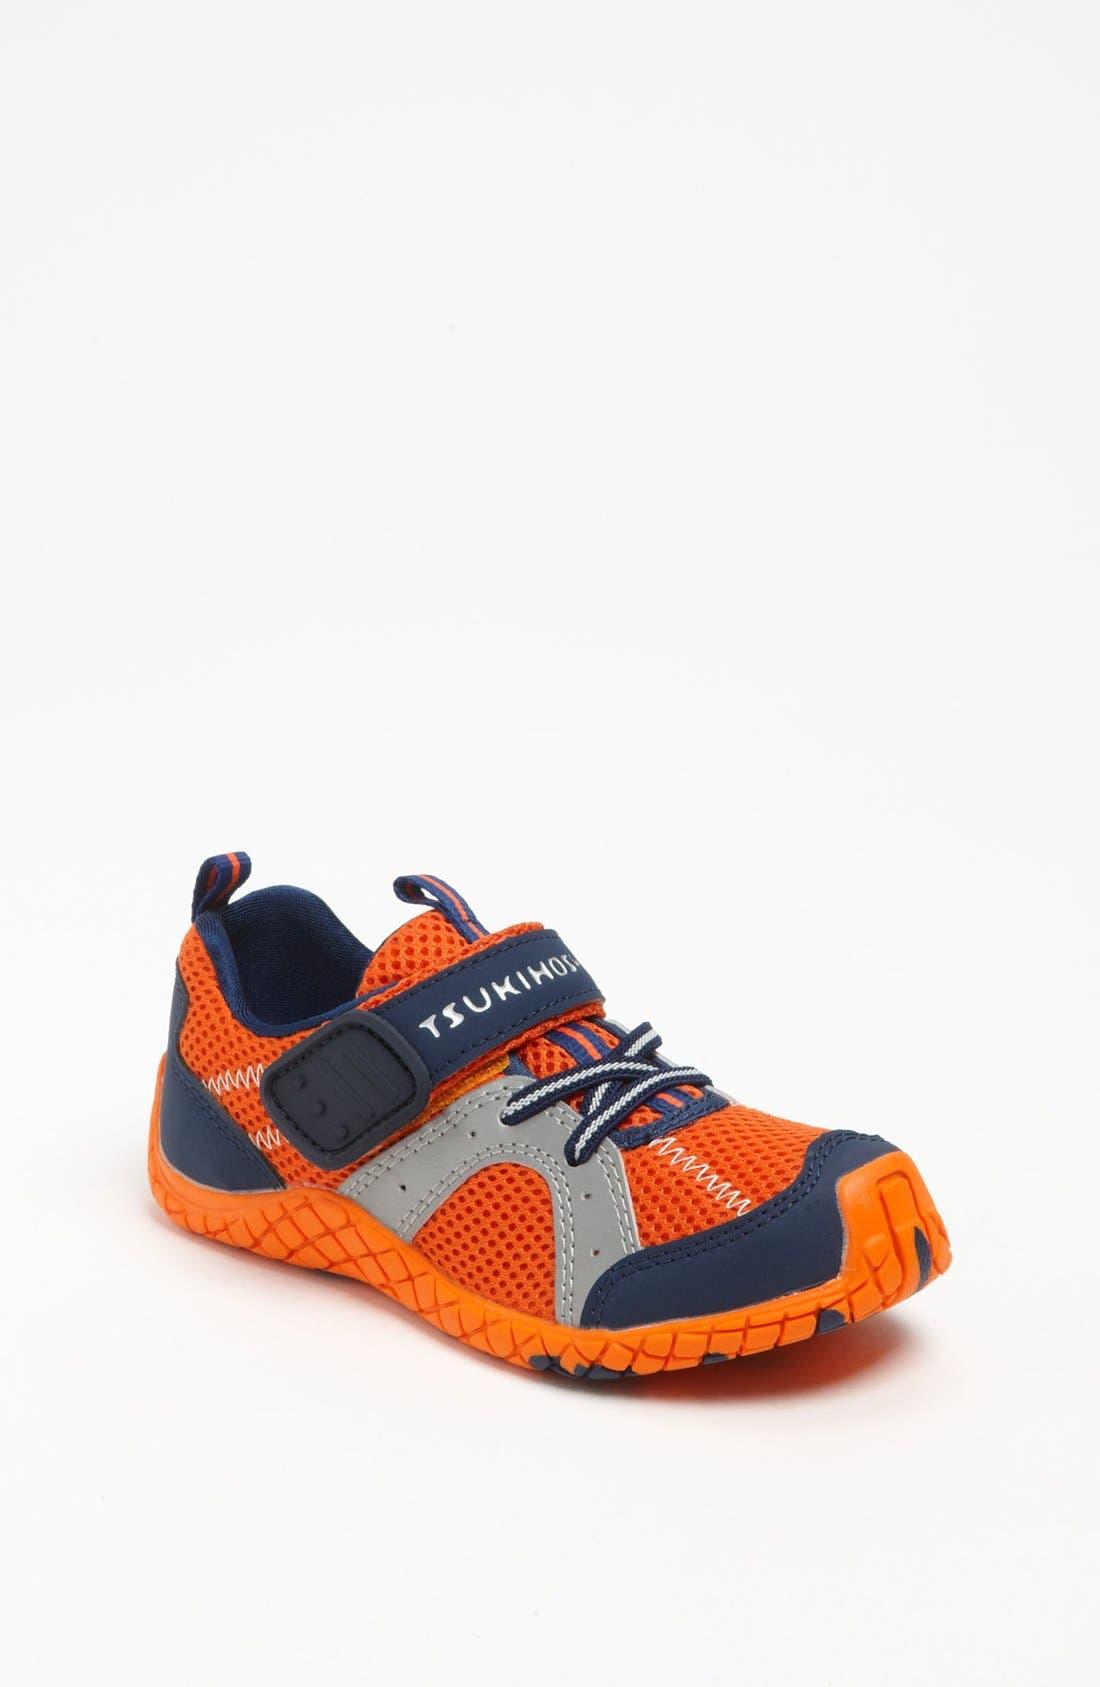 Alternate Image 1 Selected - Tsukihoshi 'Child 12' Water Sneaker (Toddler)